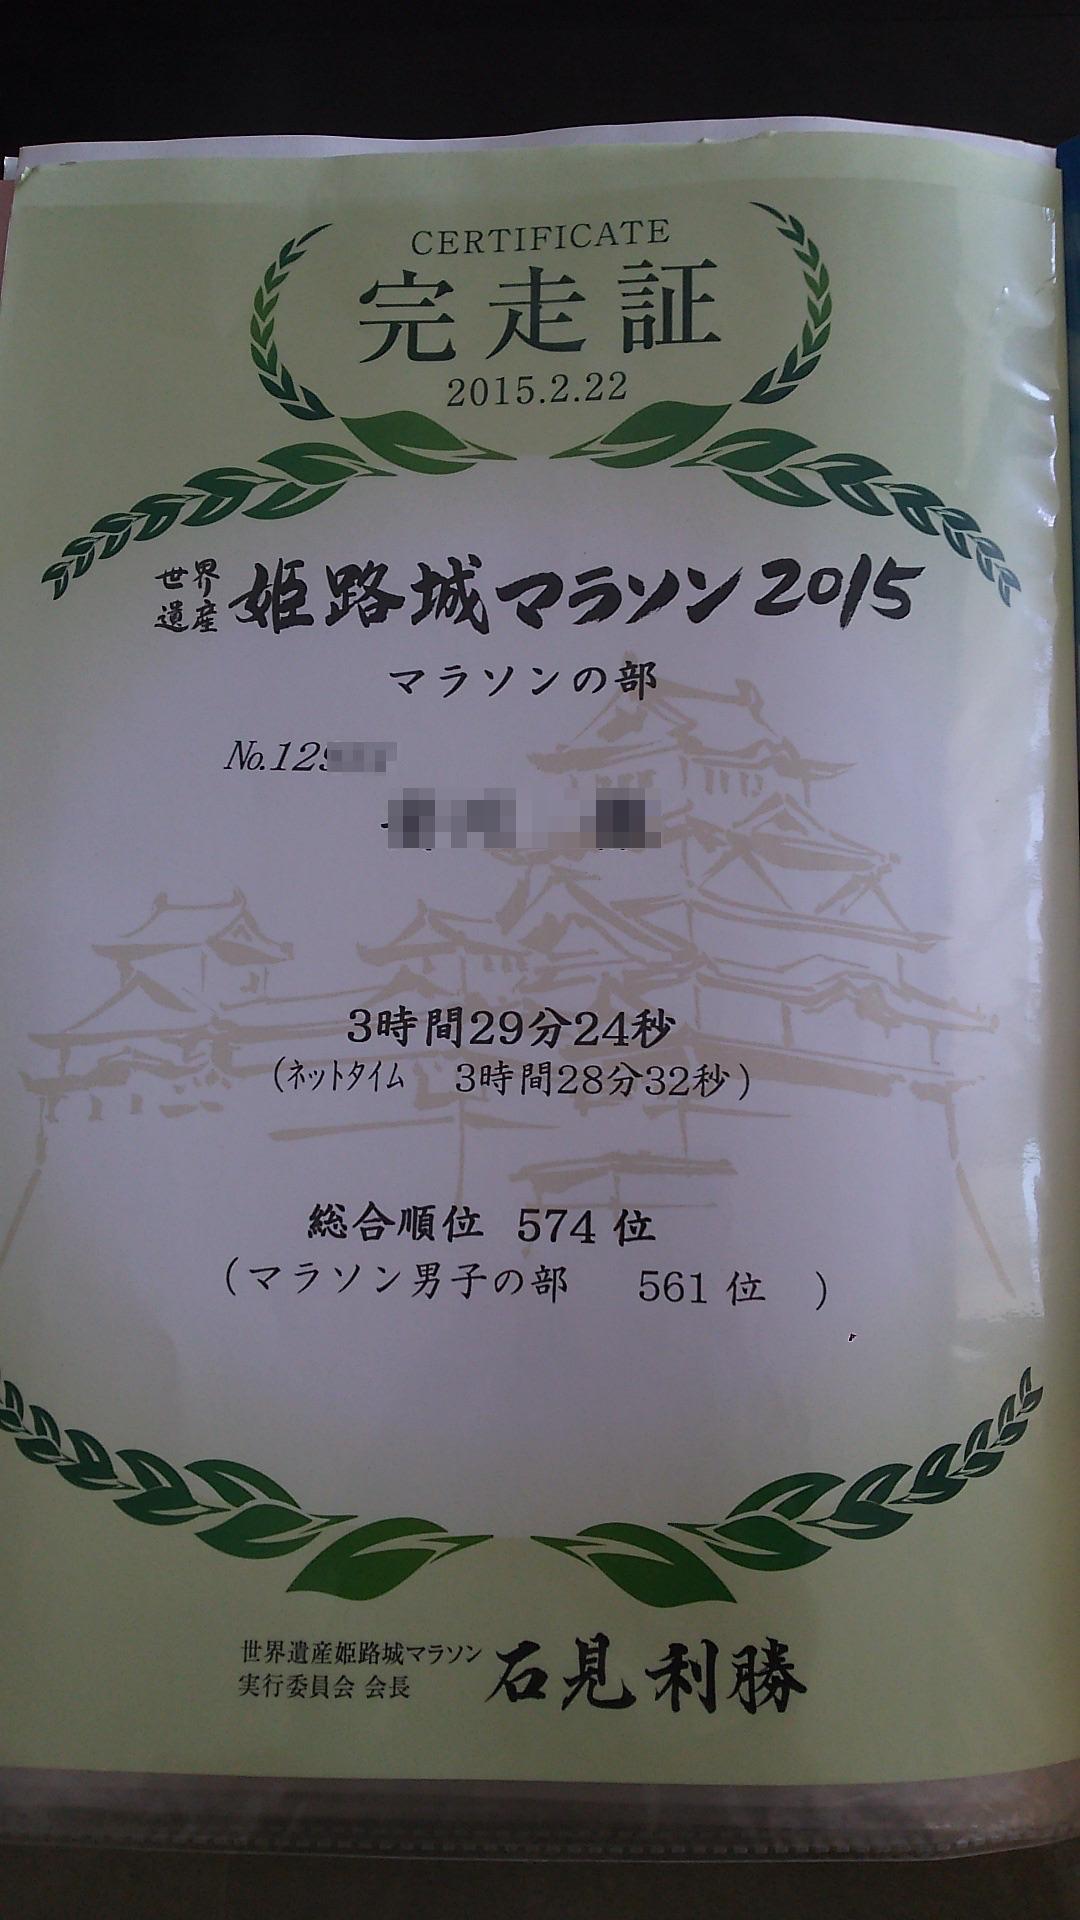 第1回世界遺産姫路城マラソン